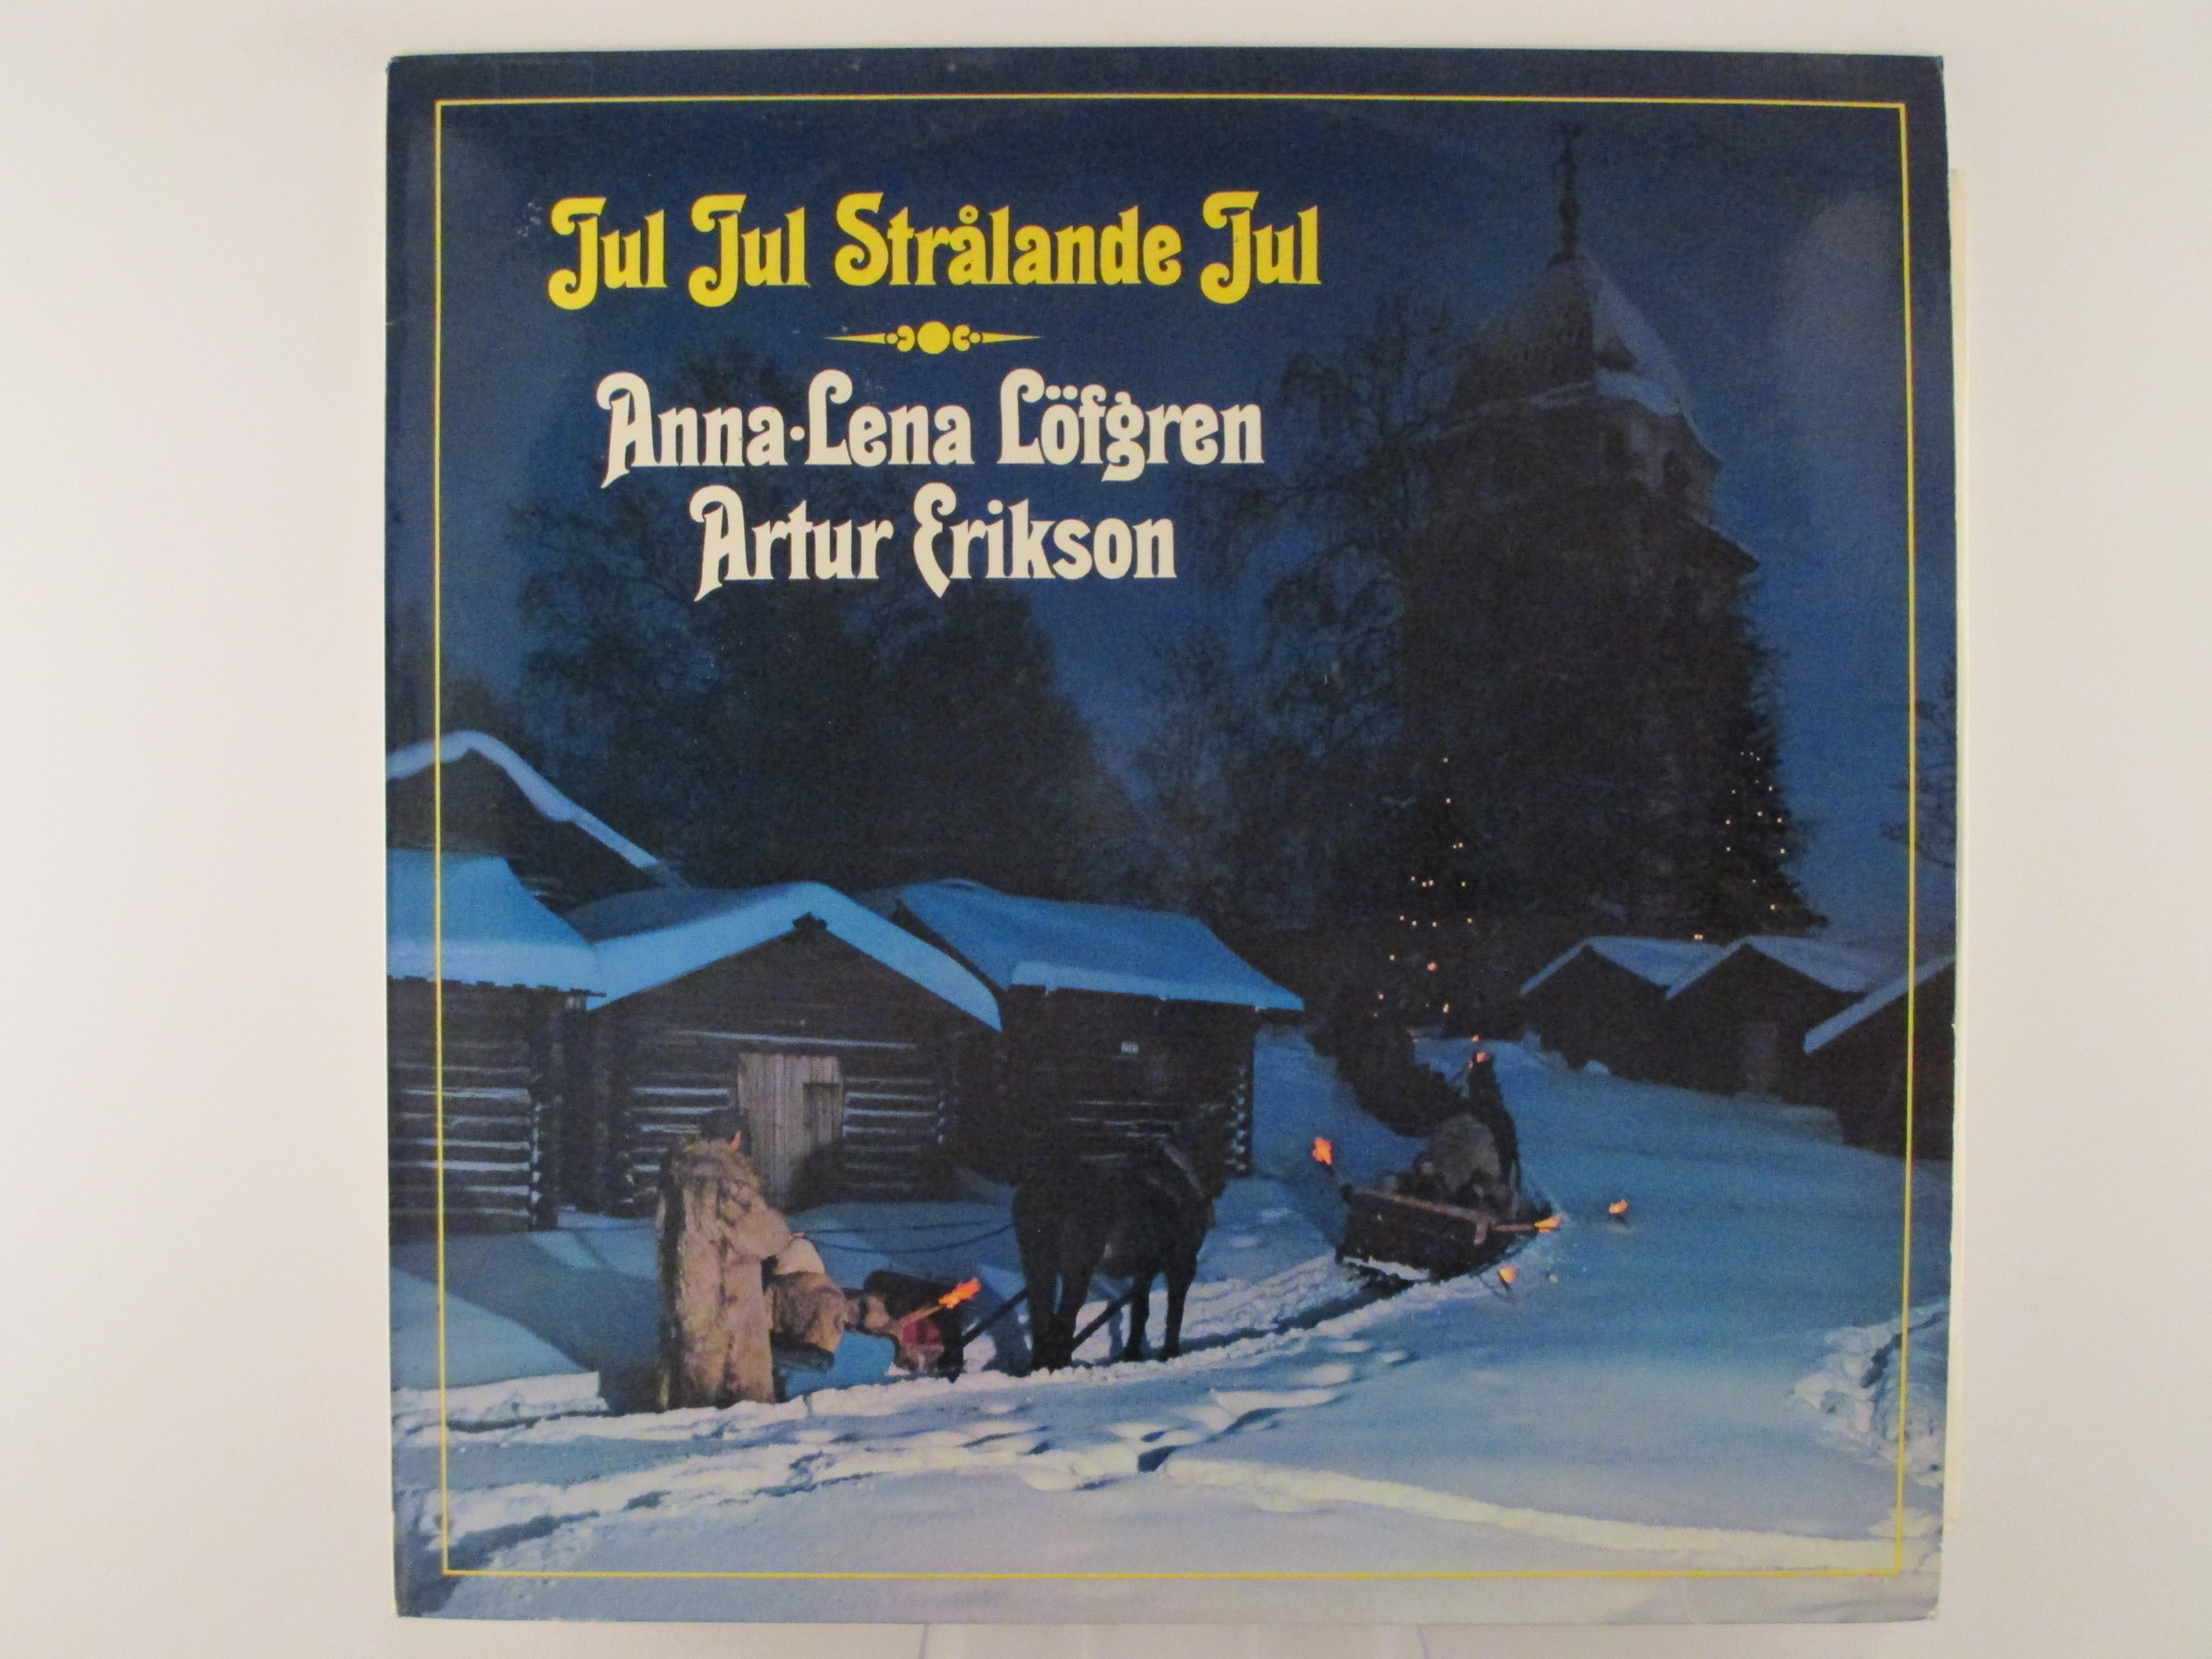 """ANNA-LENA LÖFGREN & ARTUR ERIKSON : """"Jul jul strålande jul"""""""